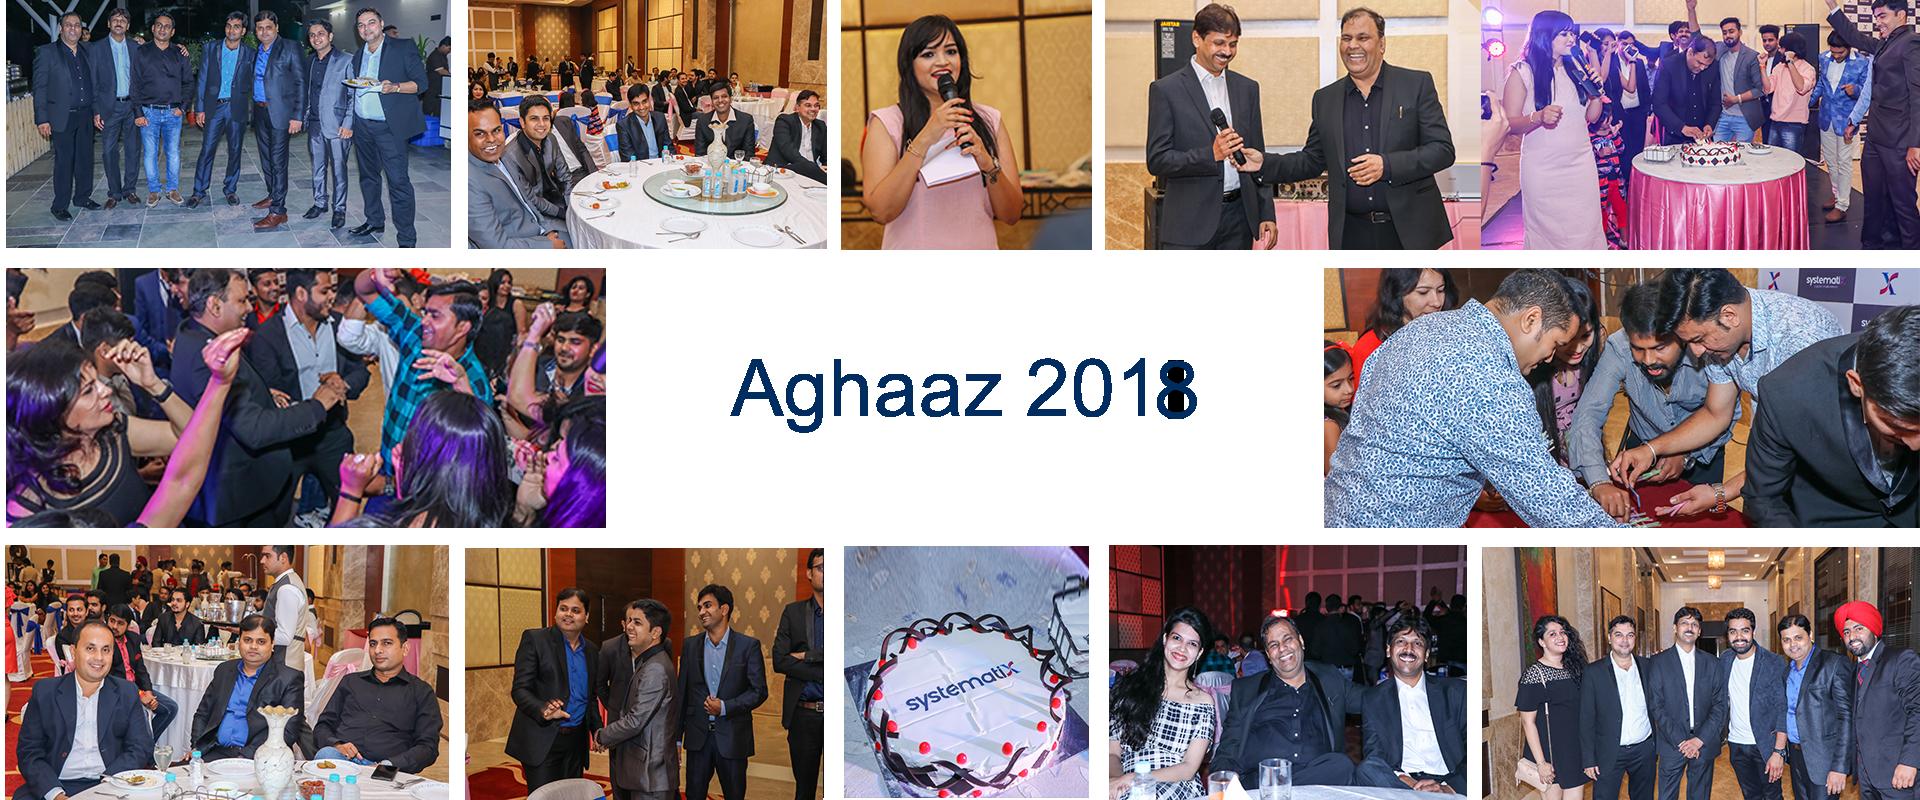 Aghaaz 2018